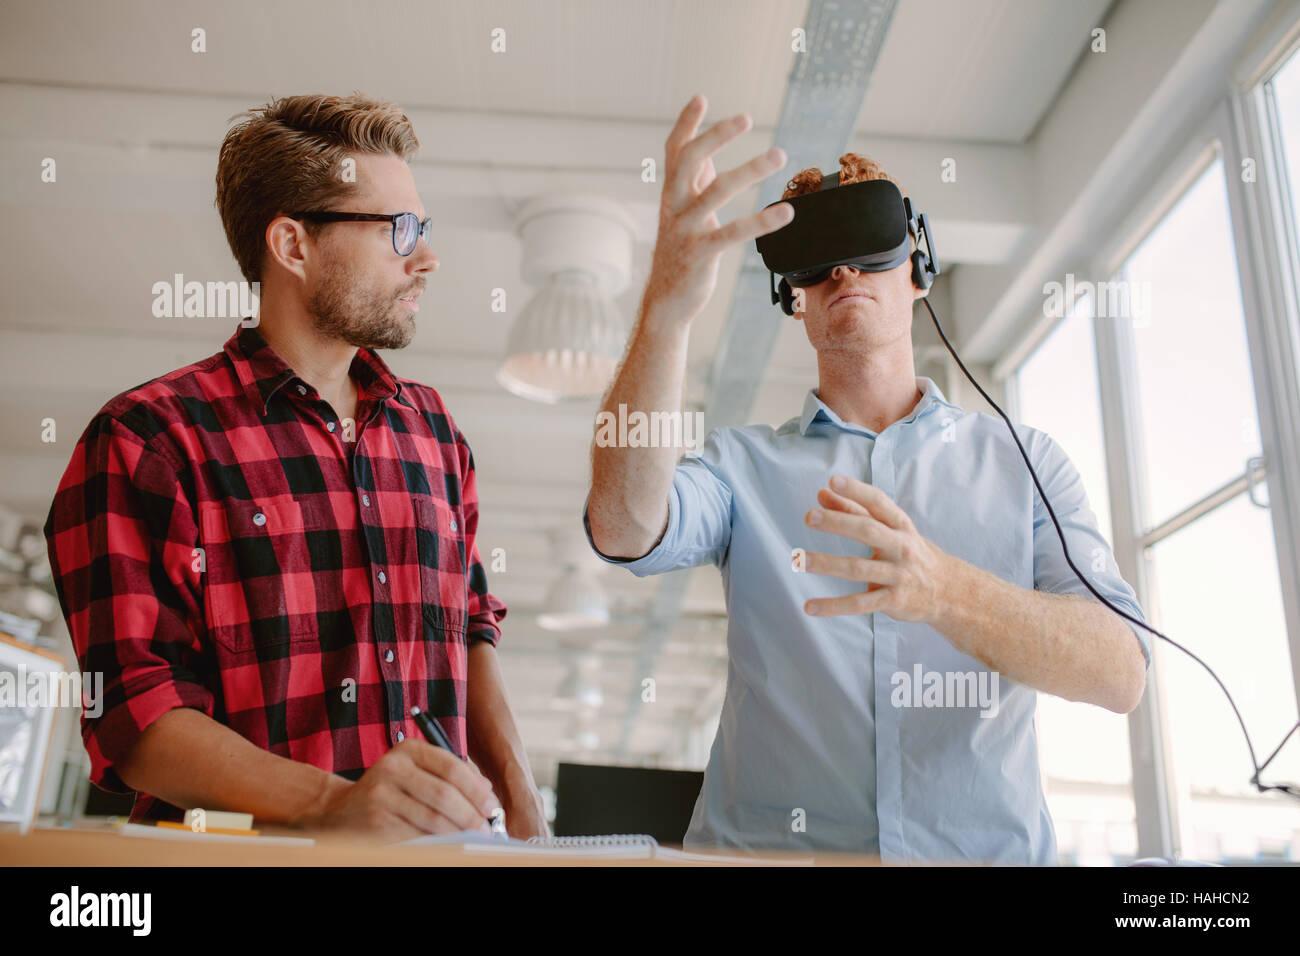 Aufnahme von zwei jungen Männern, die virtual-Reality-Kopfhörer Tests. Business-Männer diskutieren Stockbild